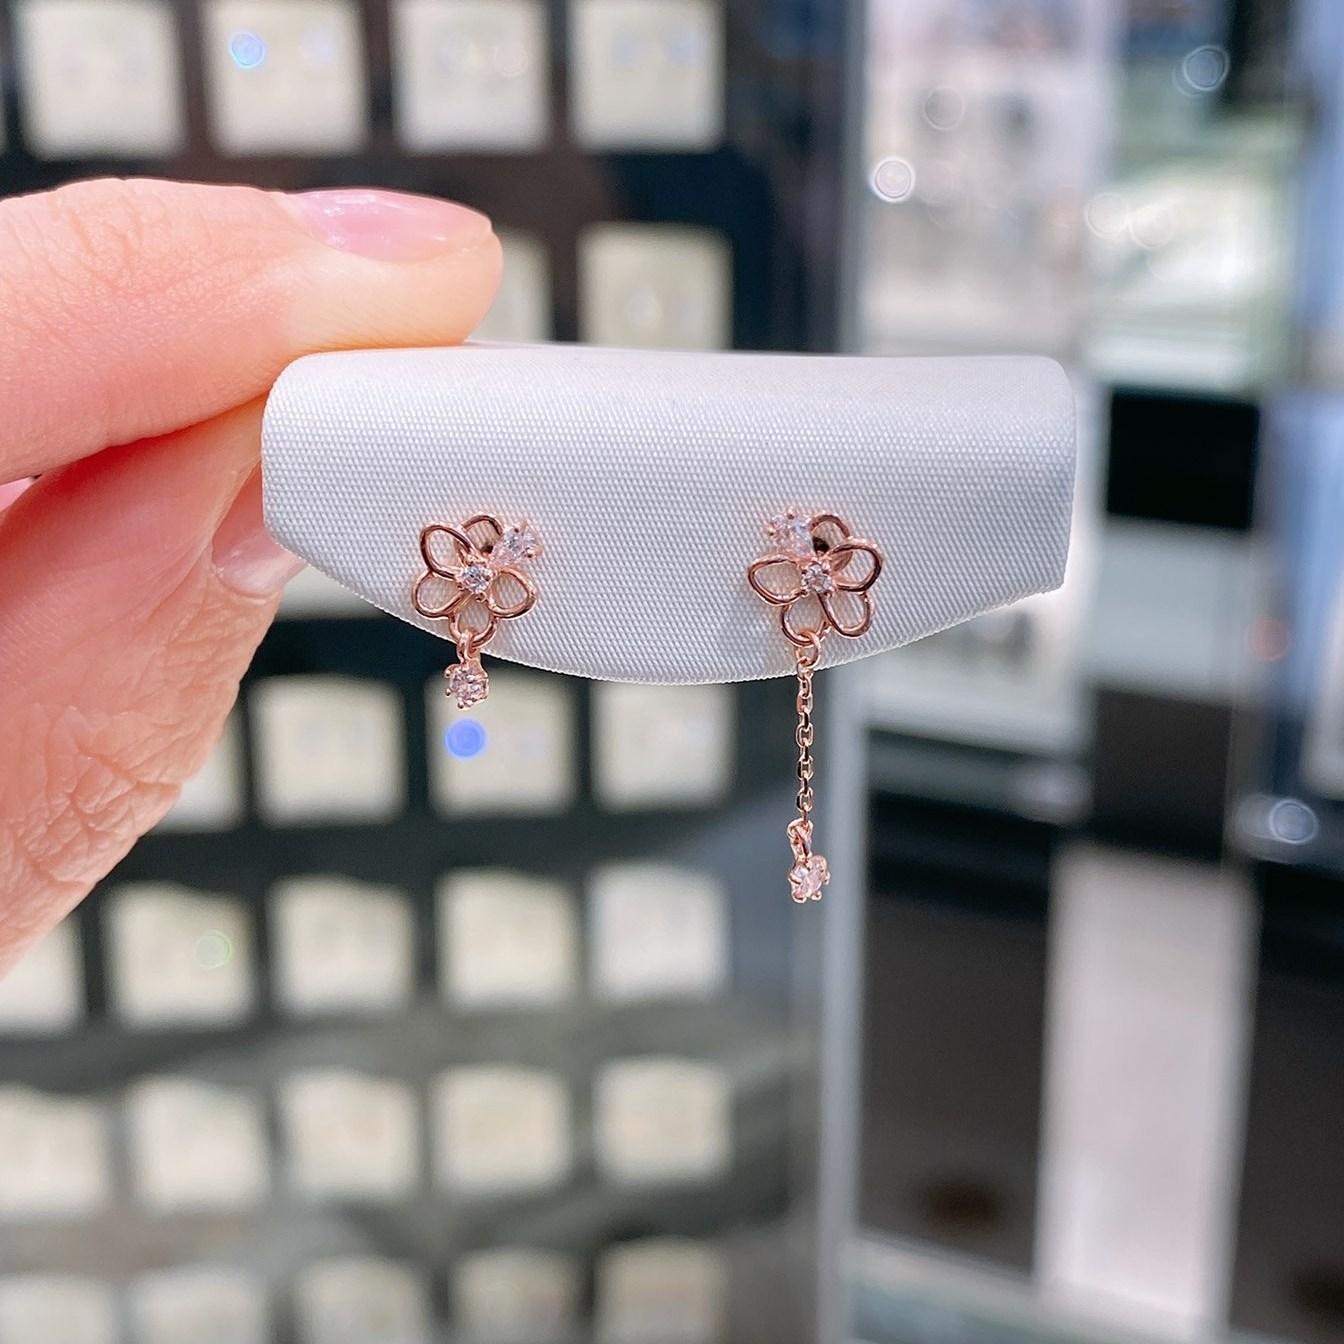 로이드 러블리 꽃잎 드롭 10K Gold 귀걸이 인천뉴코아점